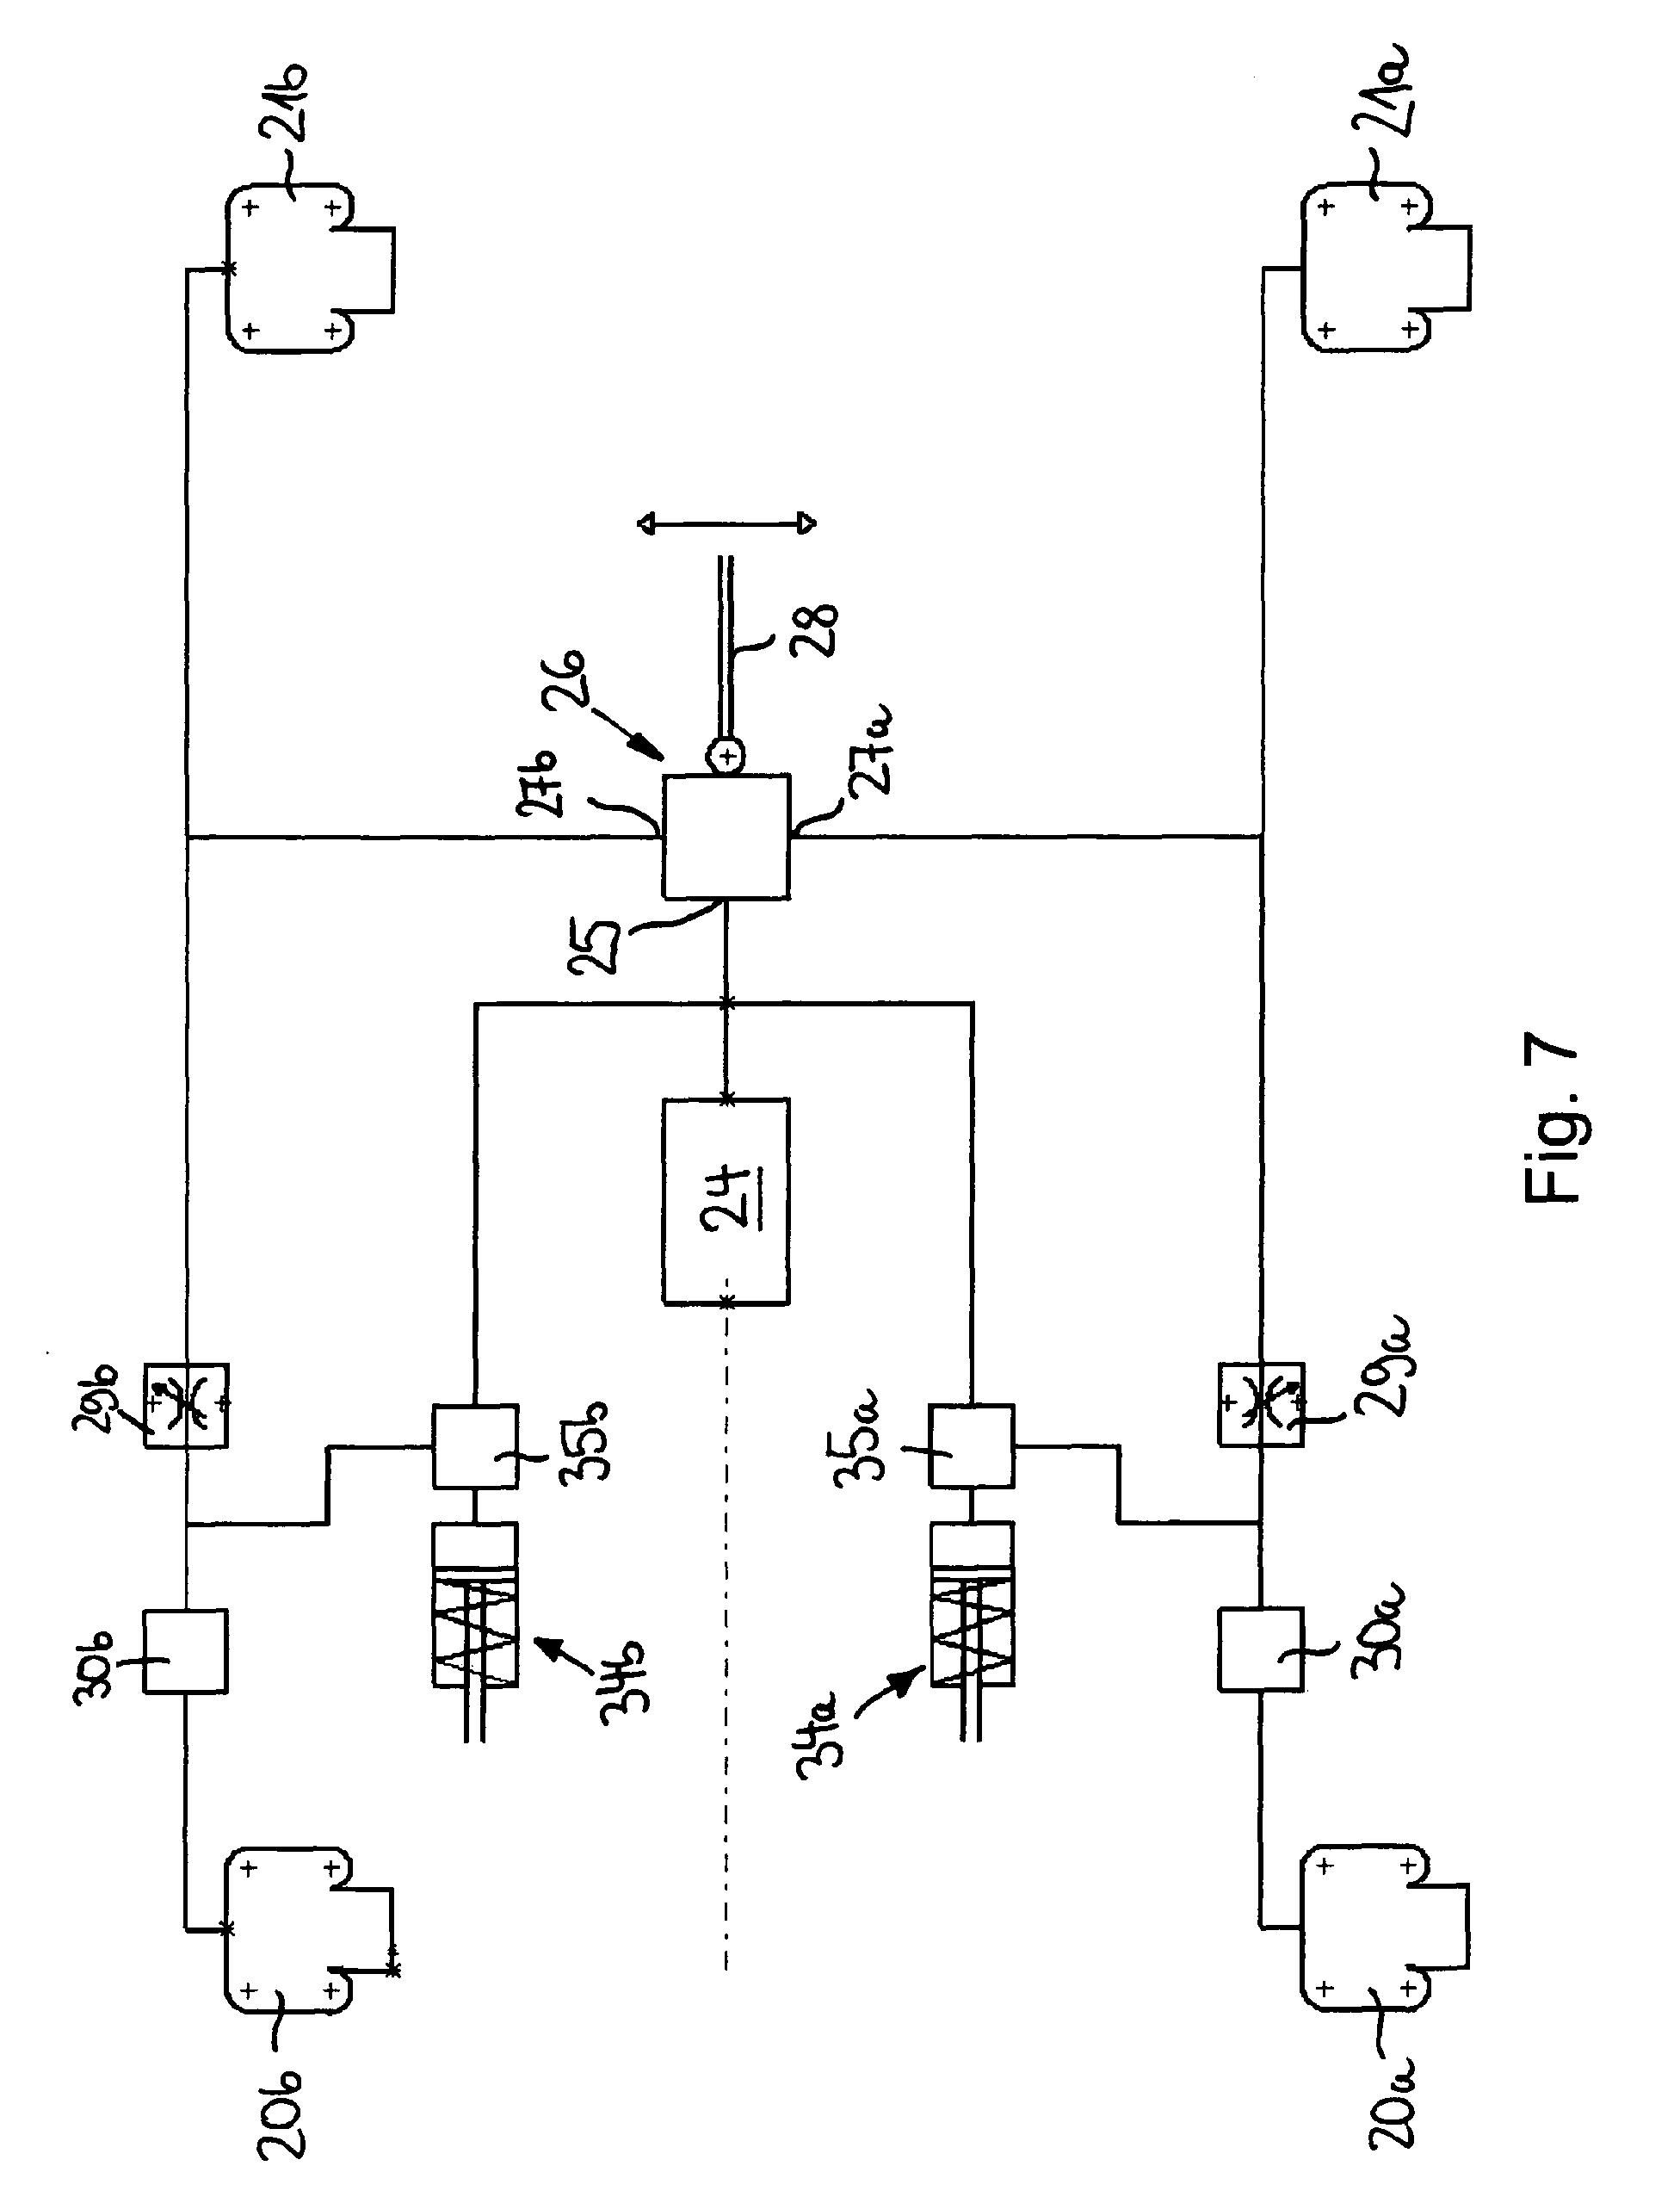 专利ep1557305a1 - fahrzeuganh01nger